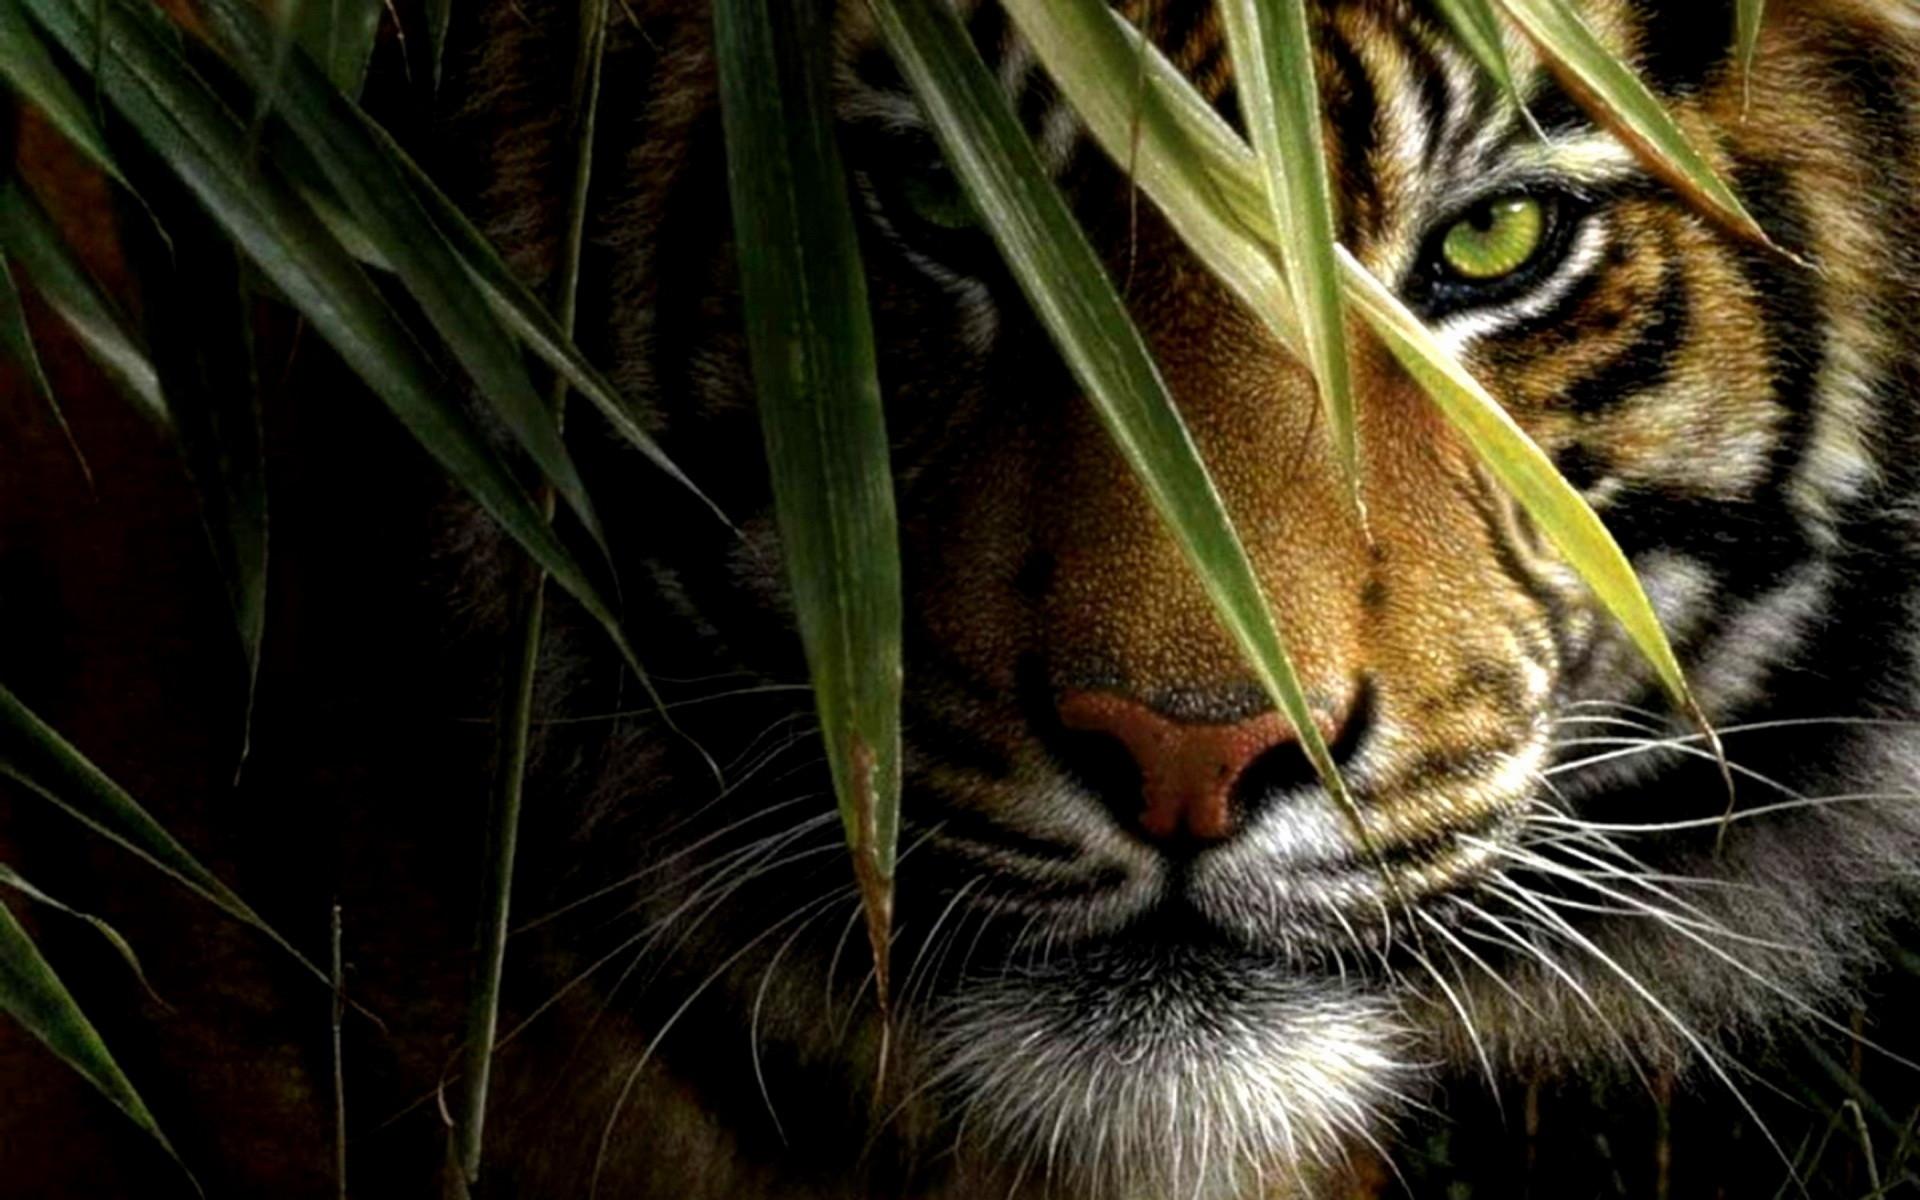 Cool tiger wallpaper